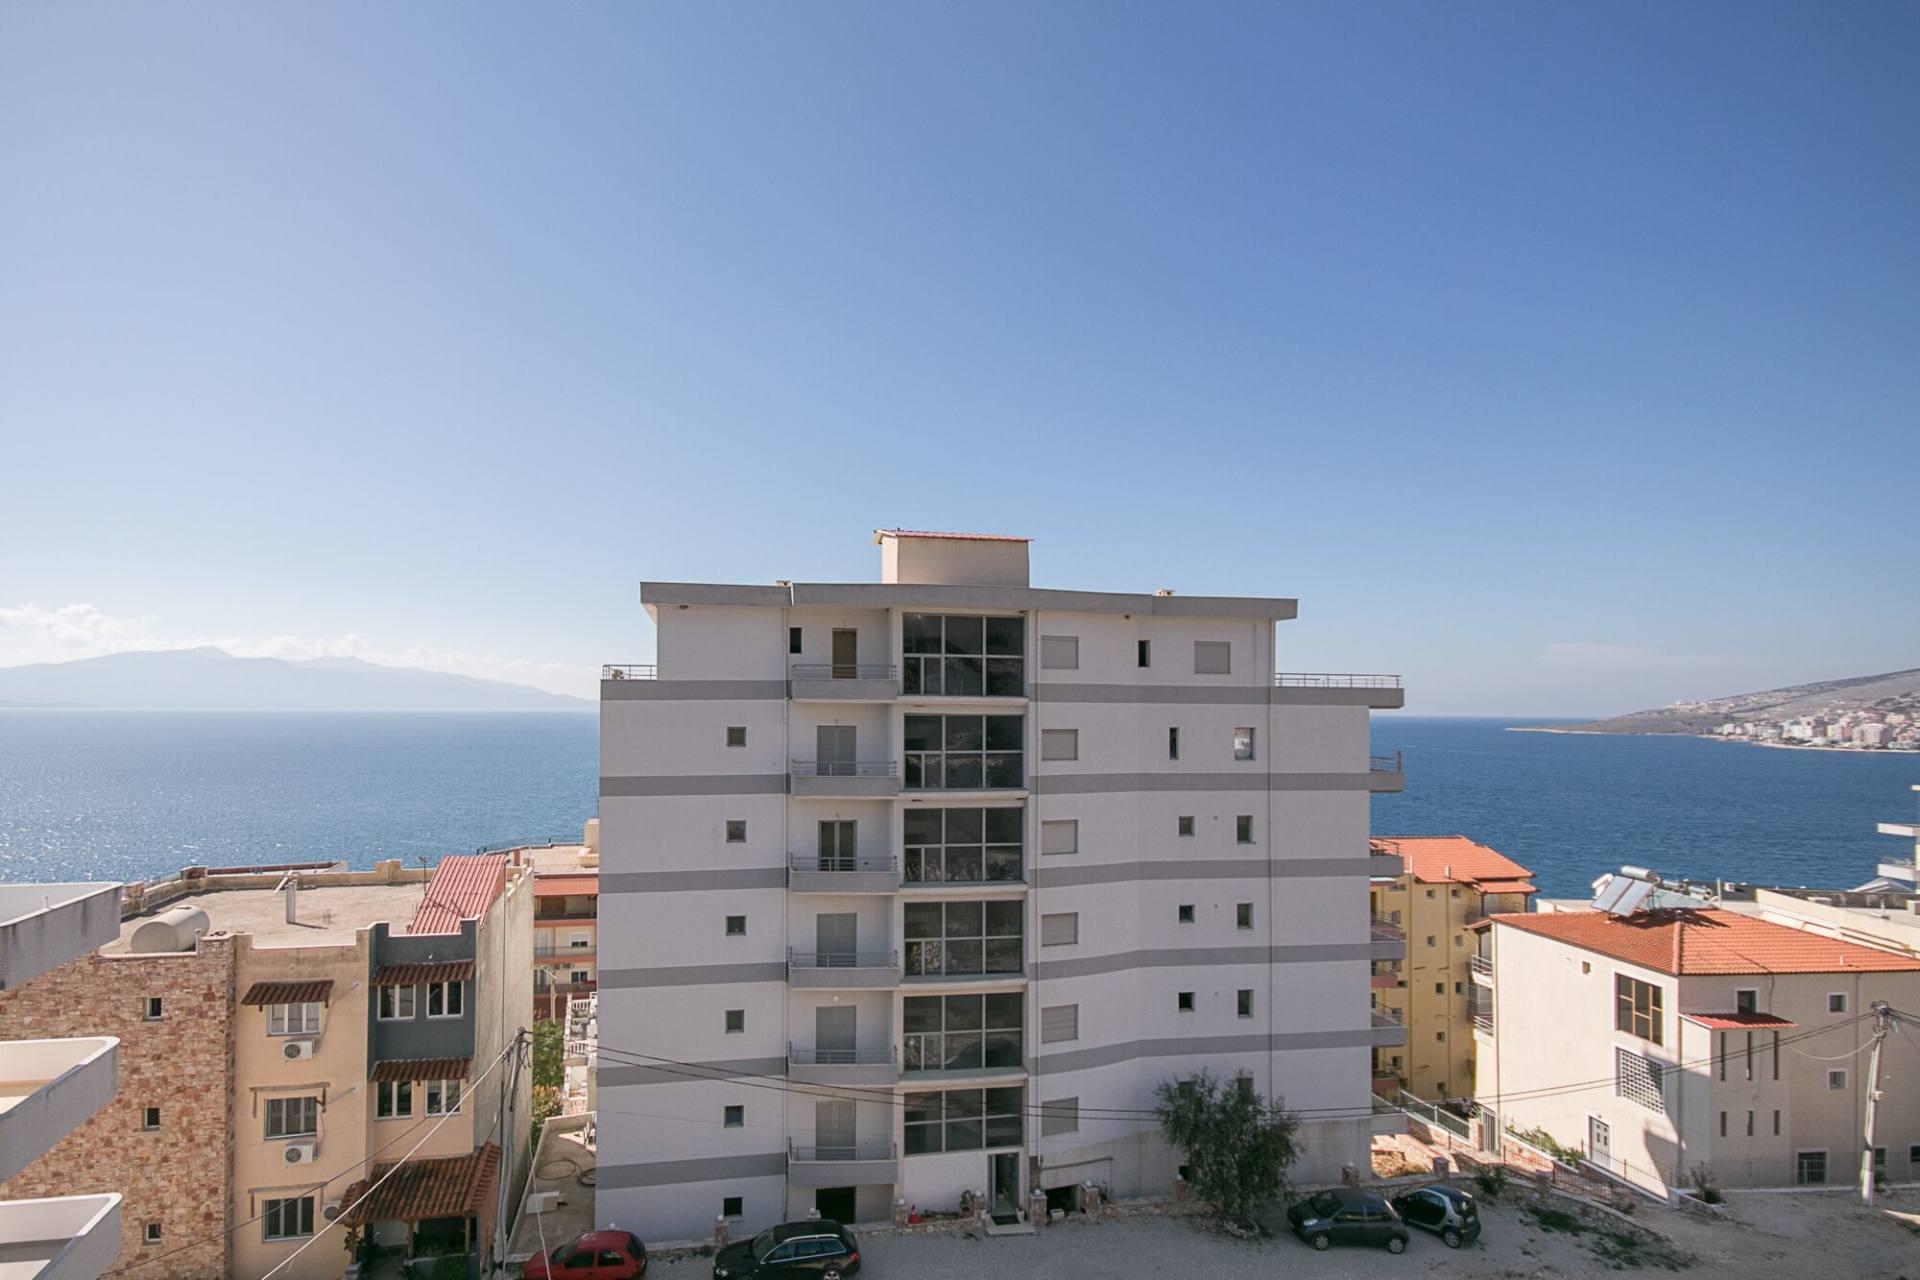 mieszkanie do wynajęcia w Albanii do wynajęcia